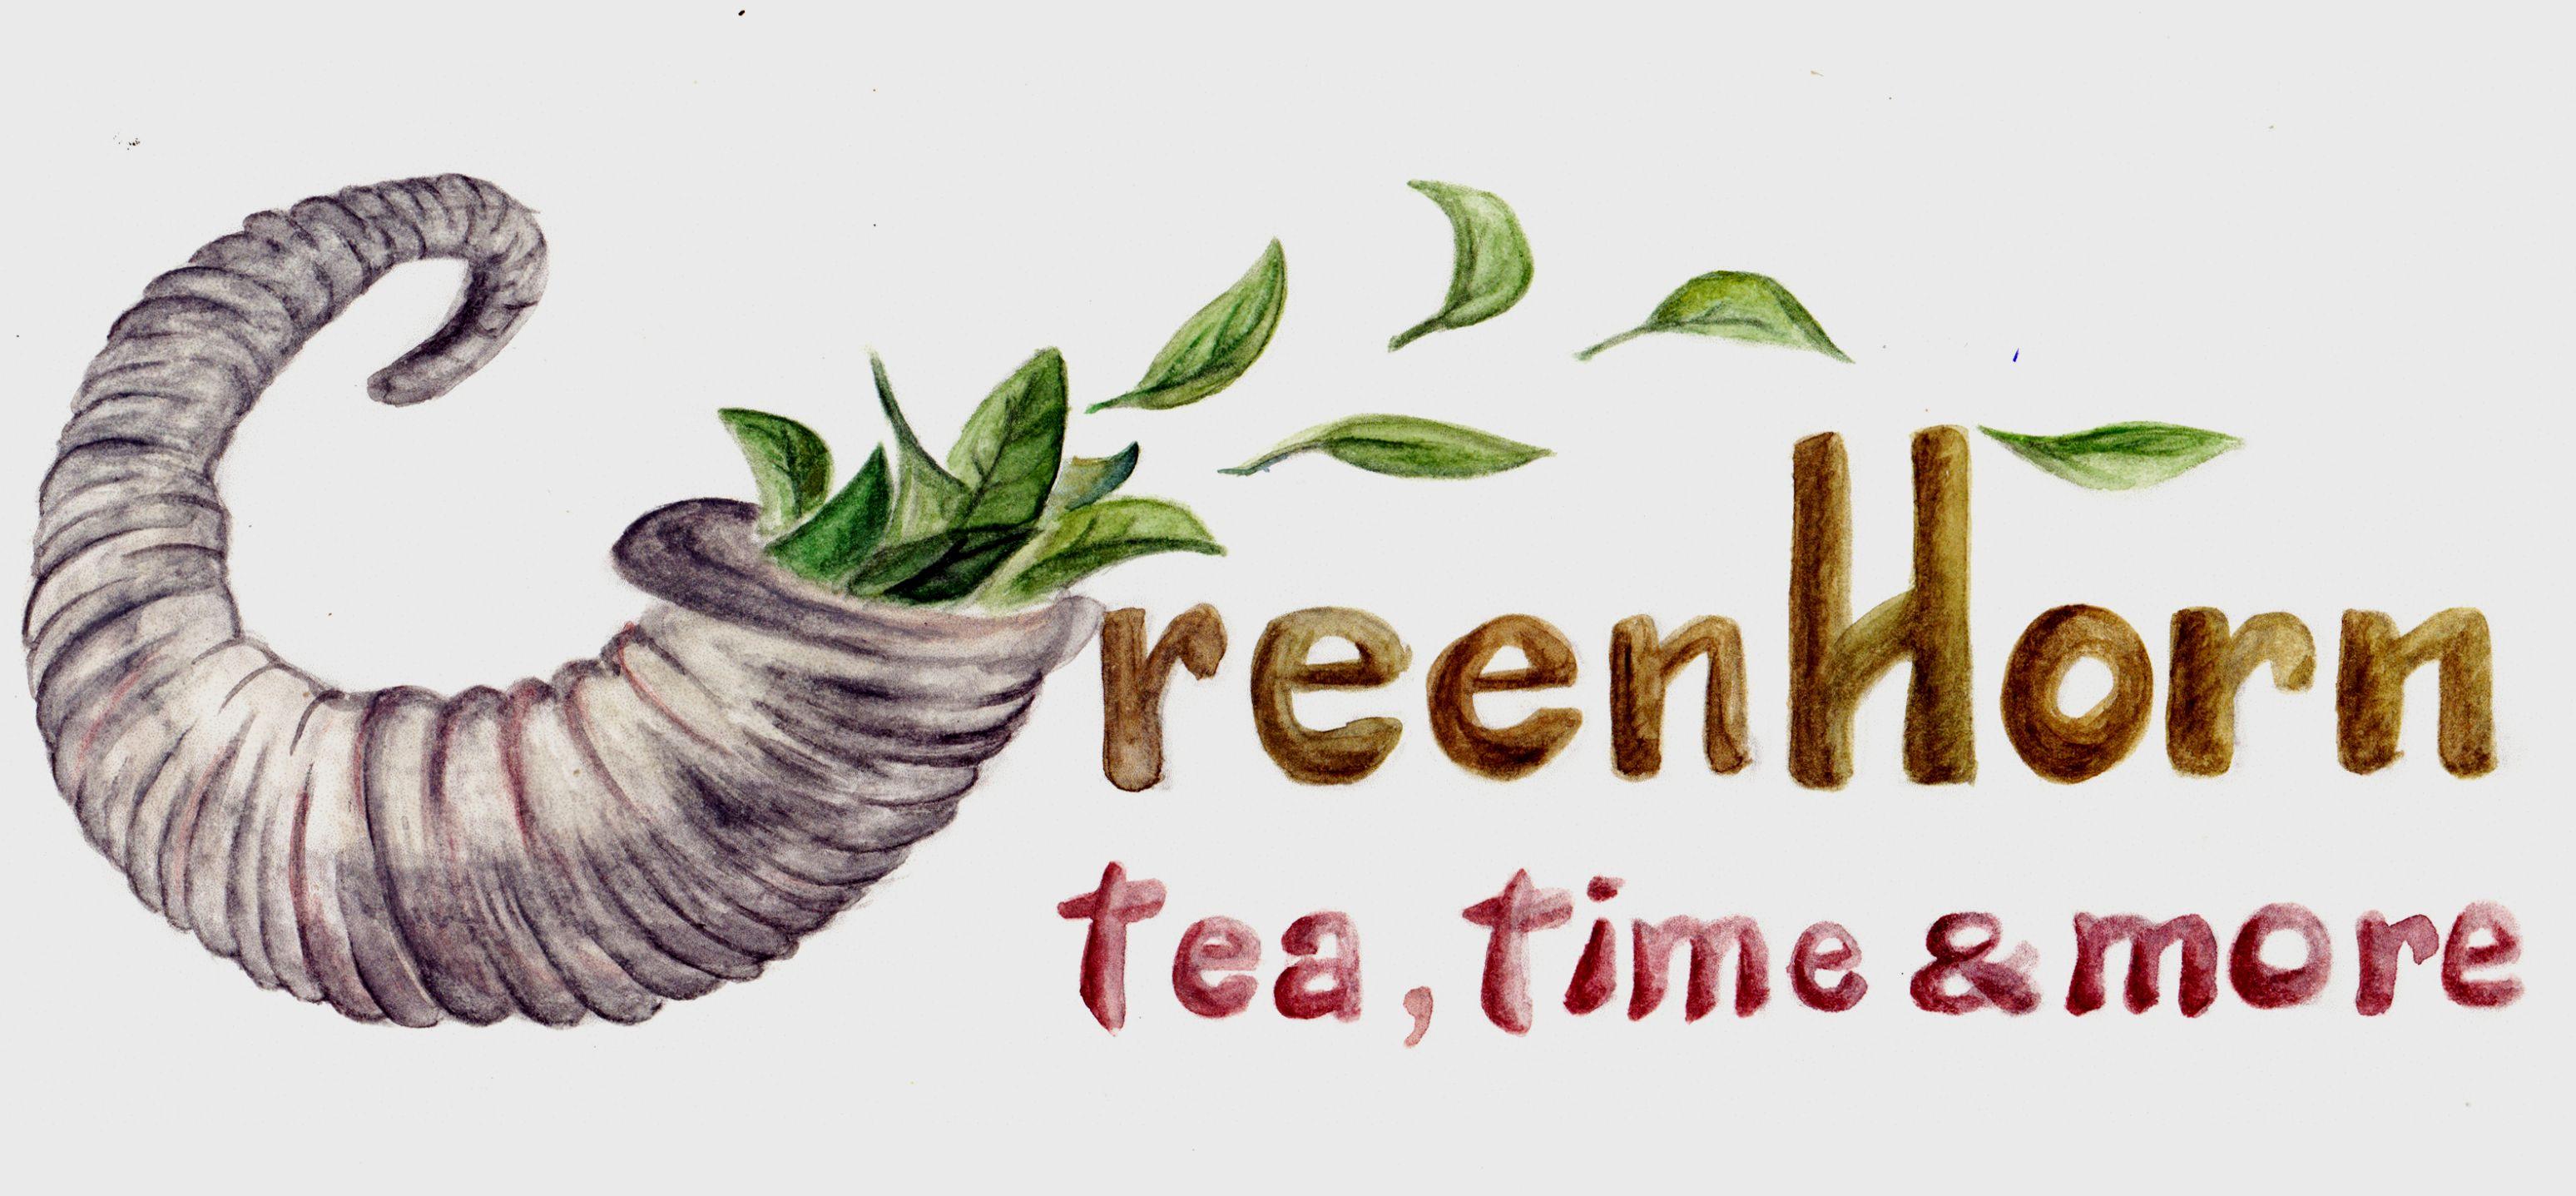 GreenHorn - tea, time & more